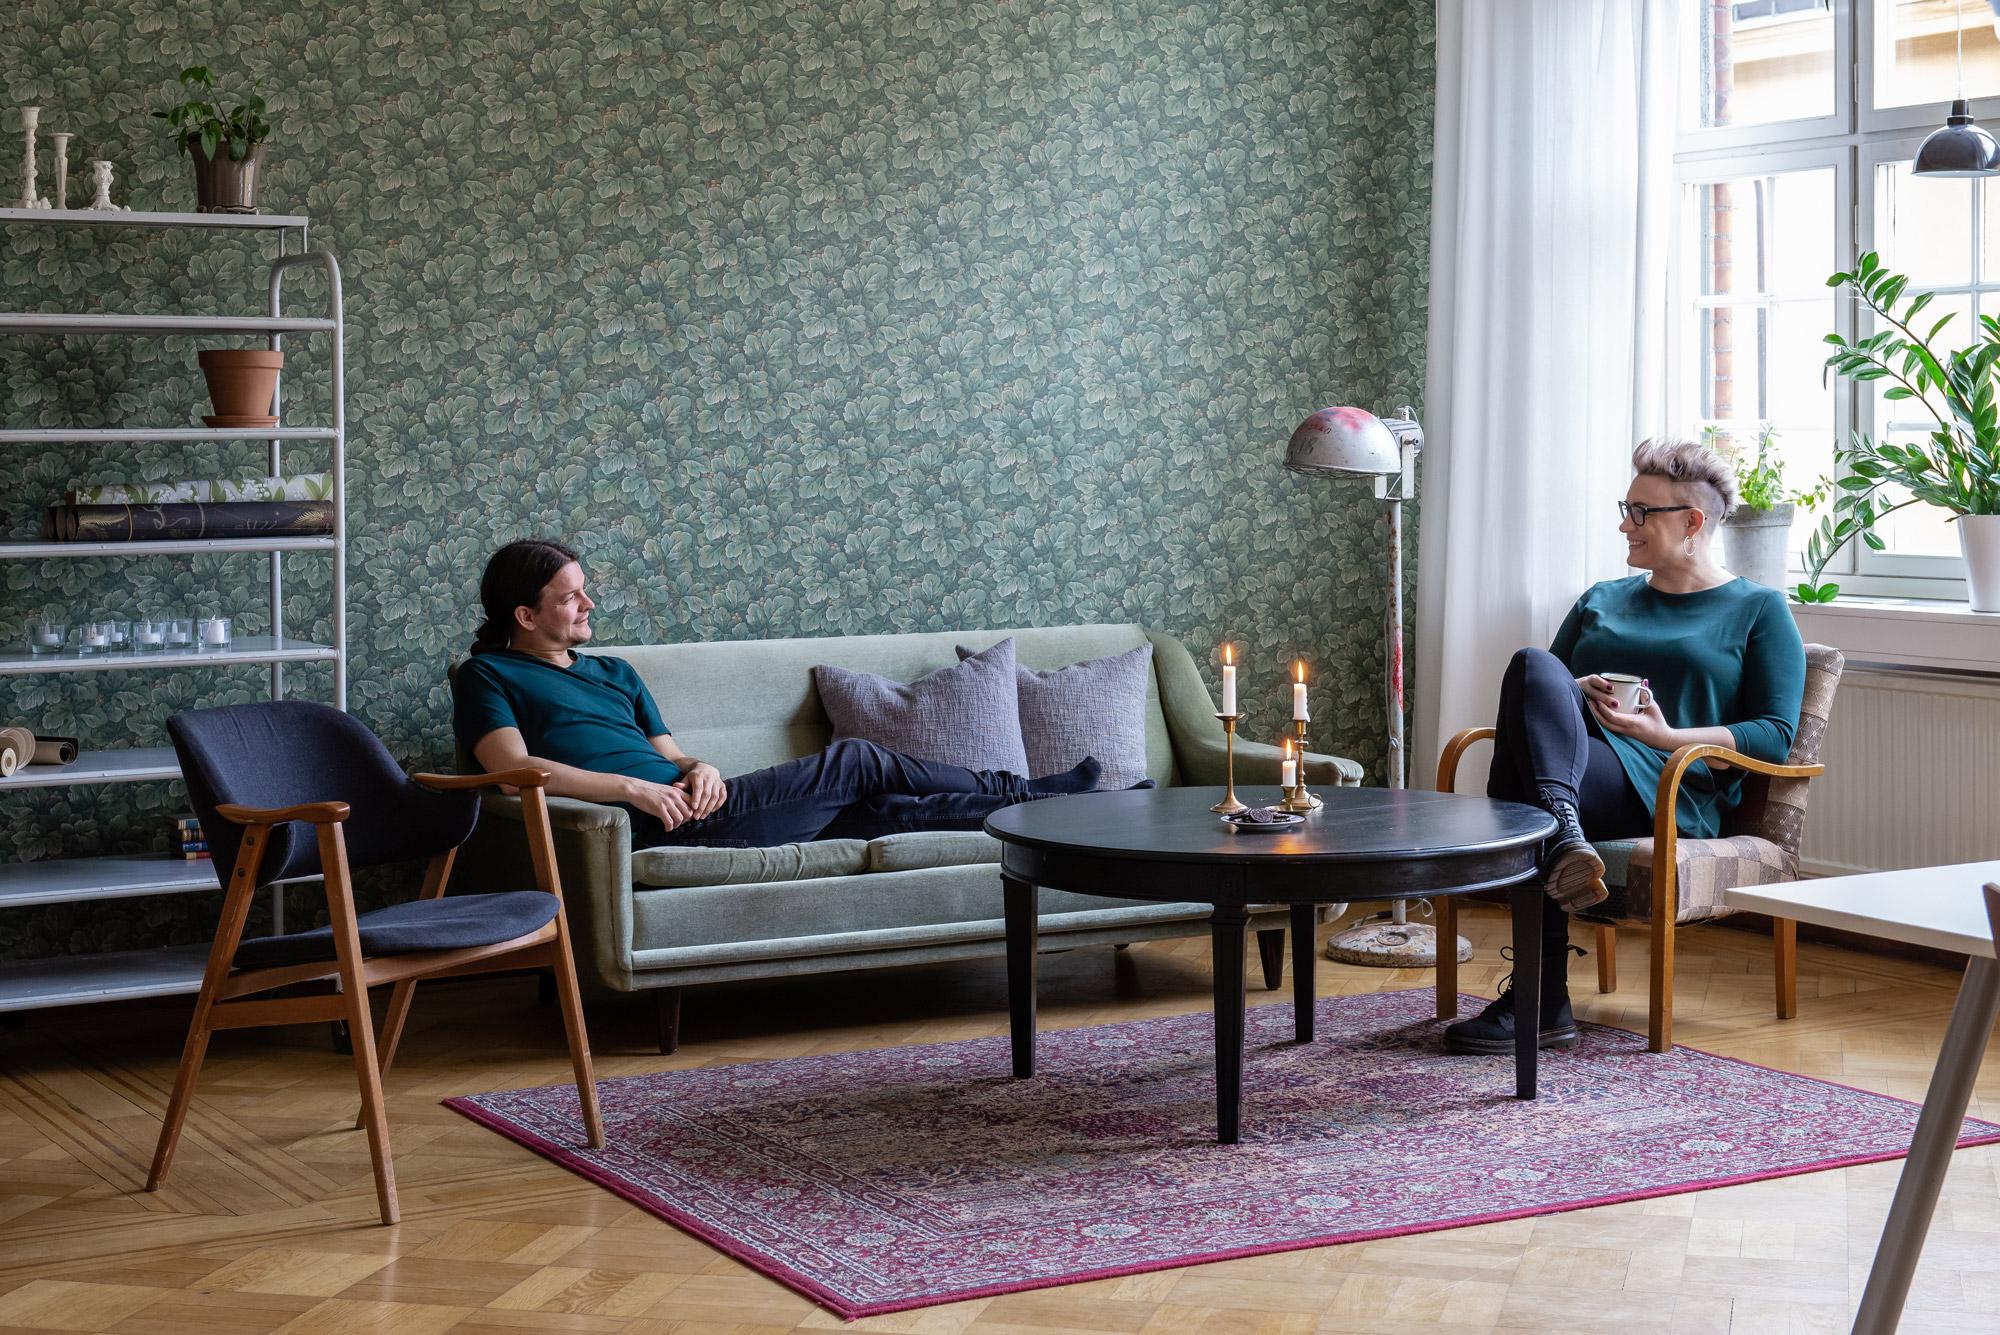 Tegelborgen - kontorshotell i Norrköping